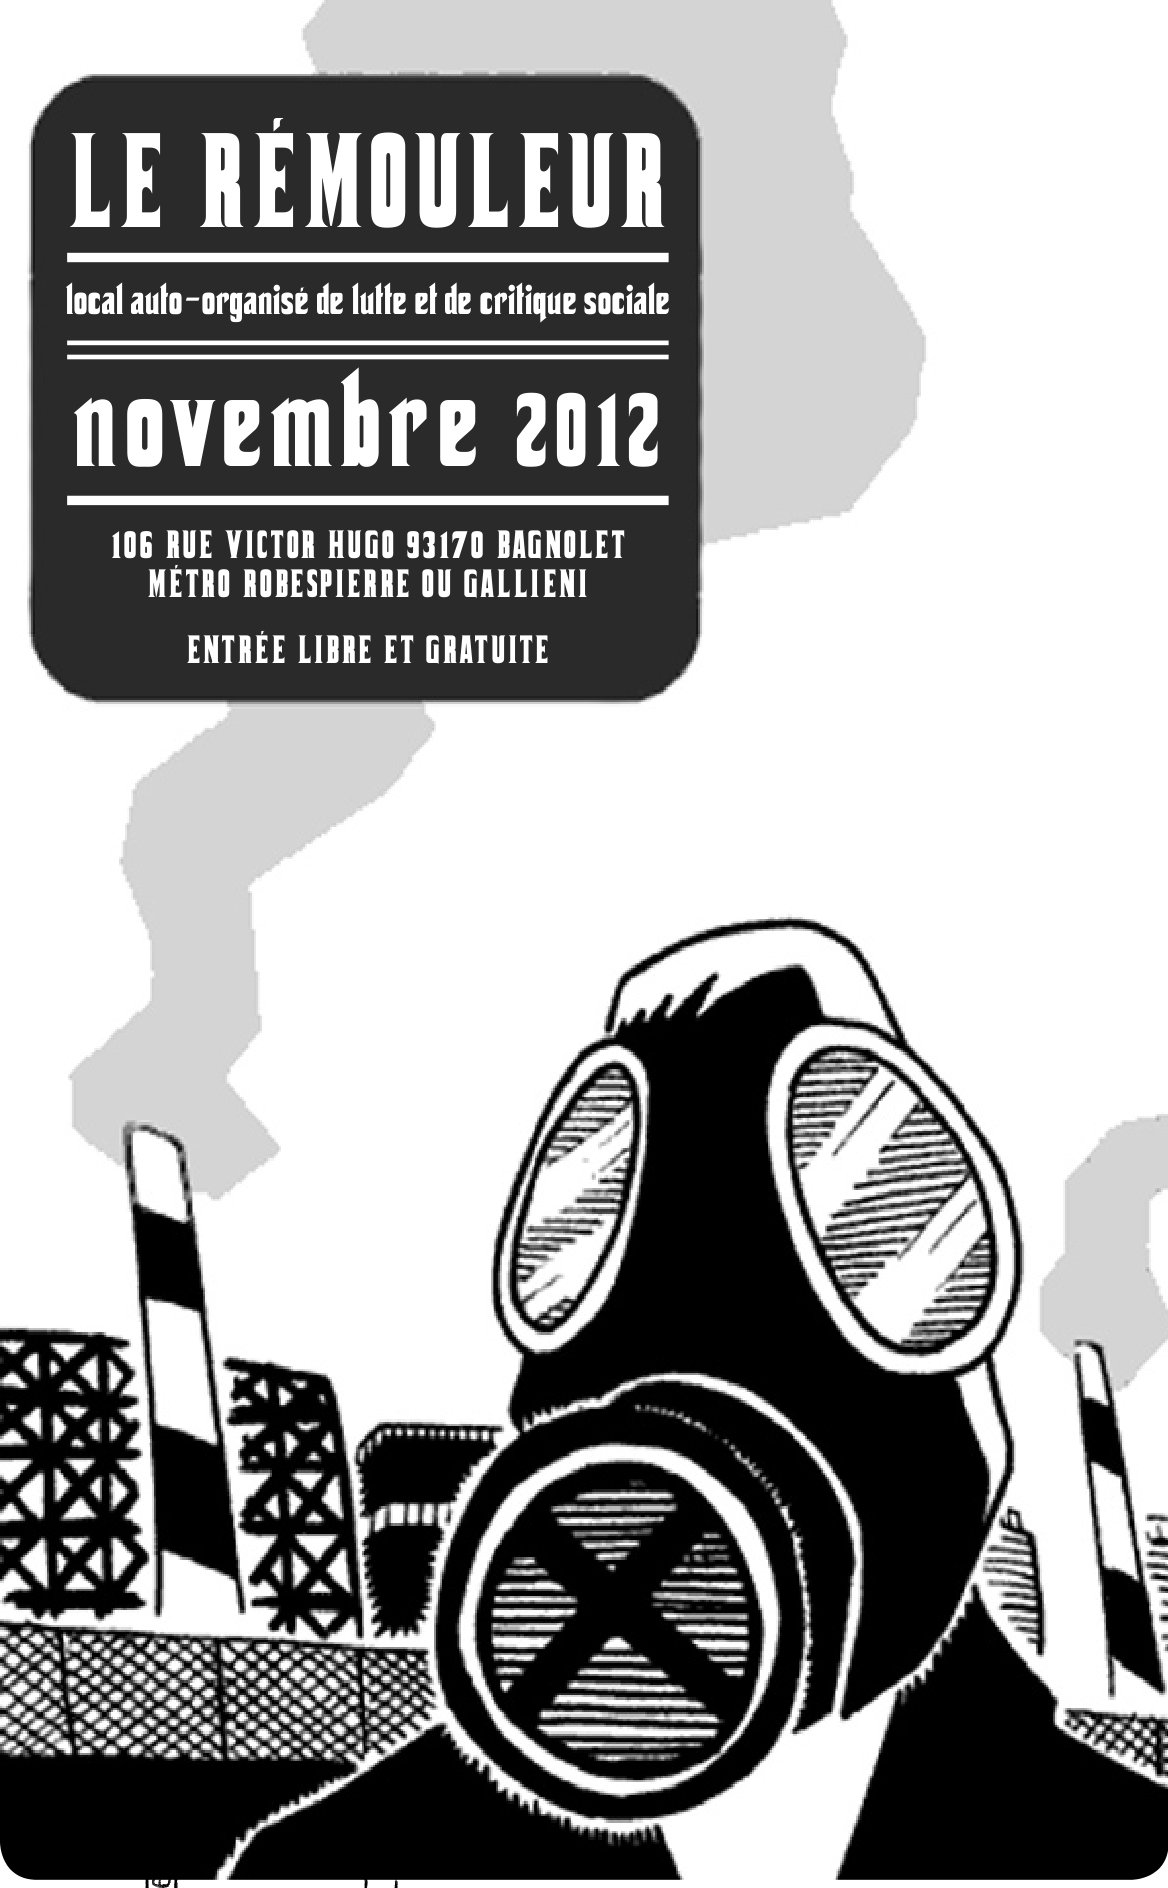 http://juralib.noblogs.org/files/2012/10/109.jpg